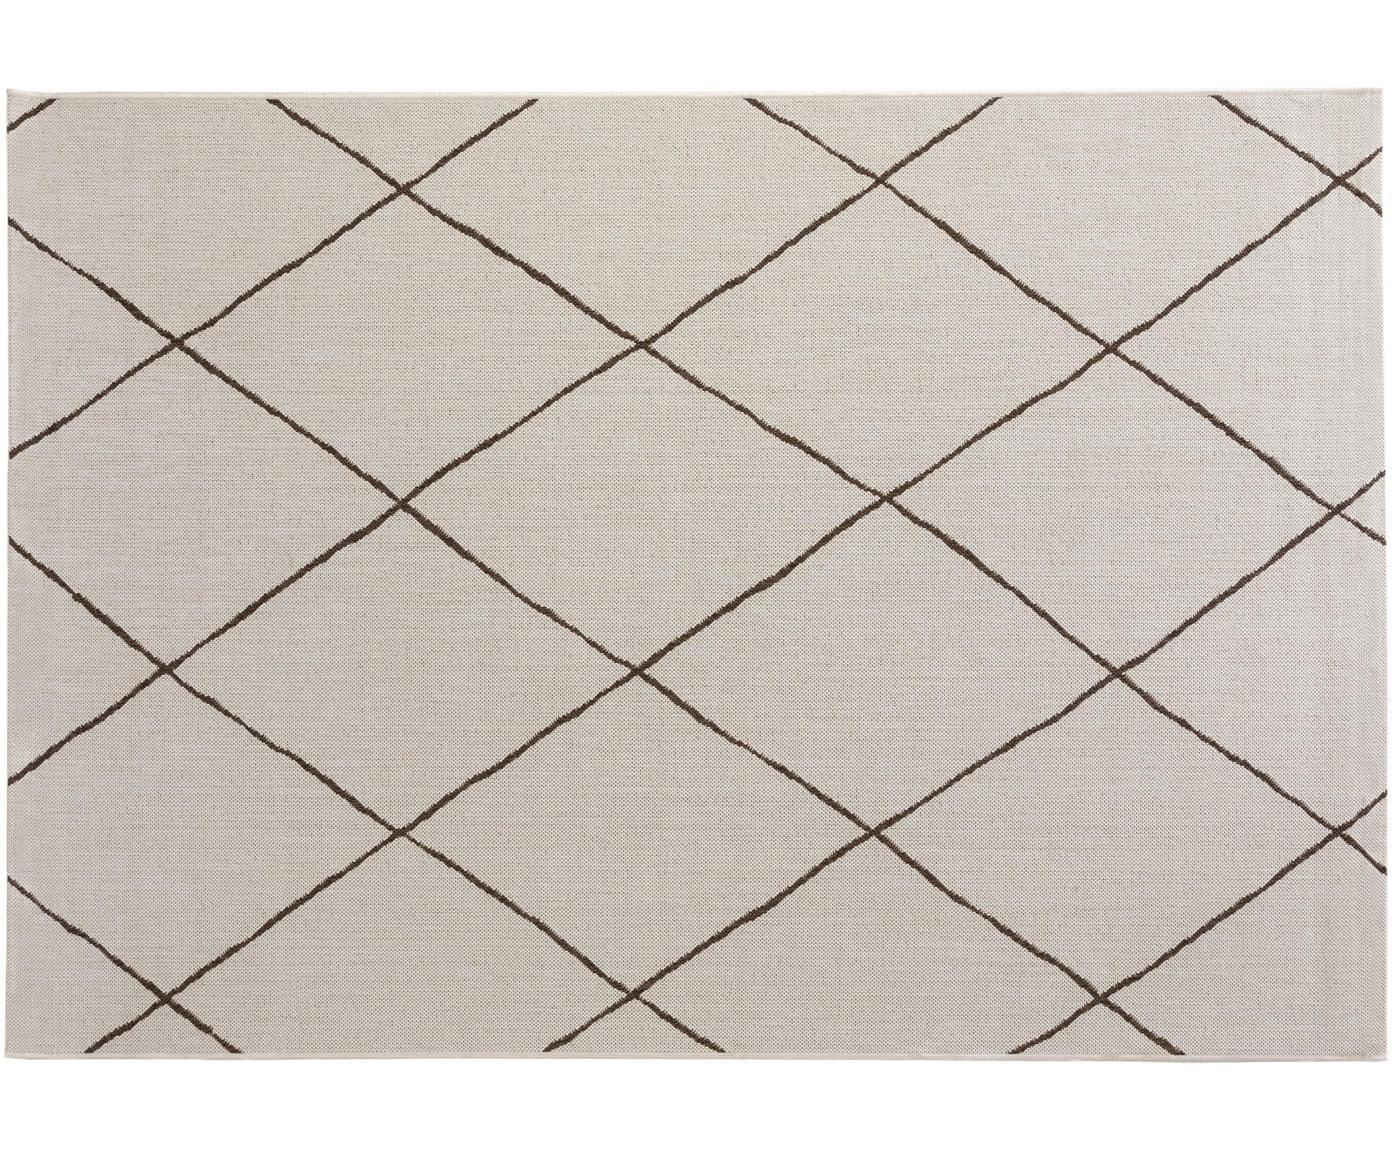 Dywan wewnętrzny/zewnętrzny Metro Check, Polipropylen, Biały, S 80 x D 150 cm (Rozmiar XS)